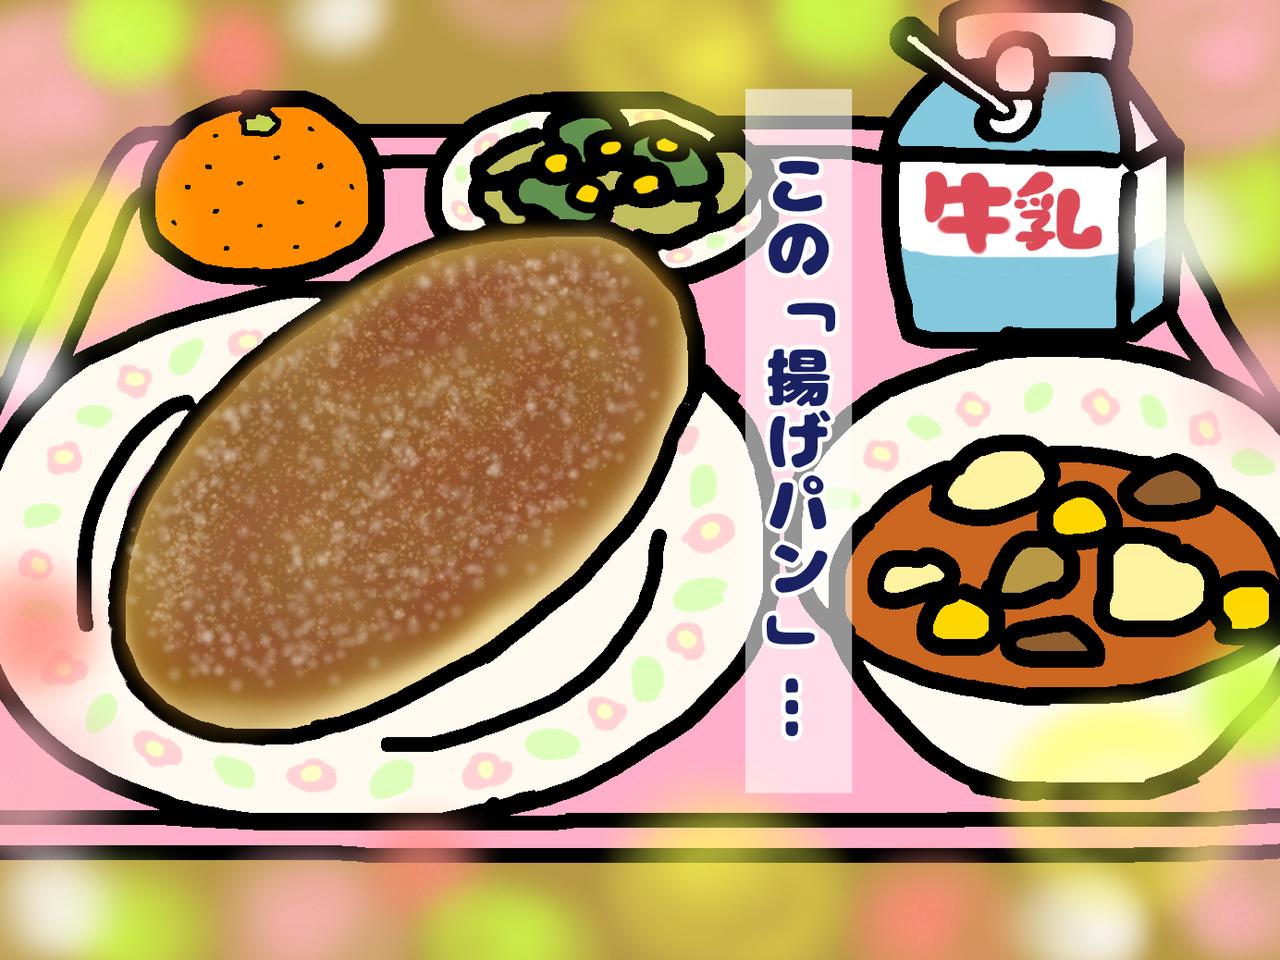 揚げ パン 当番 給食